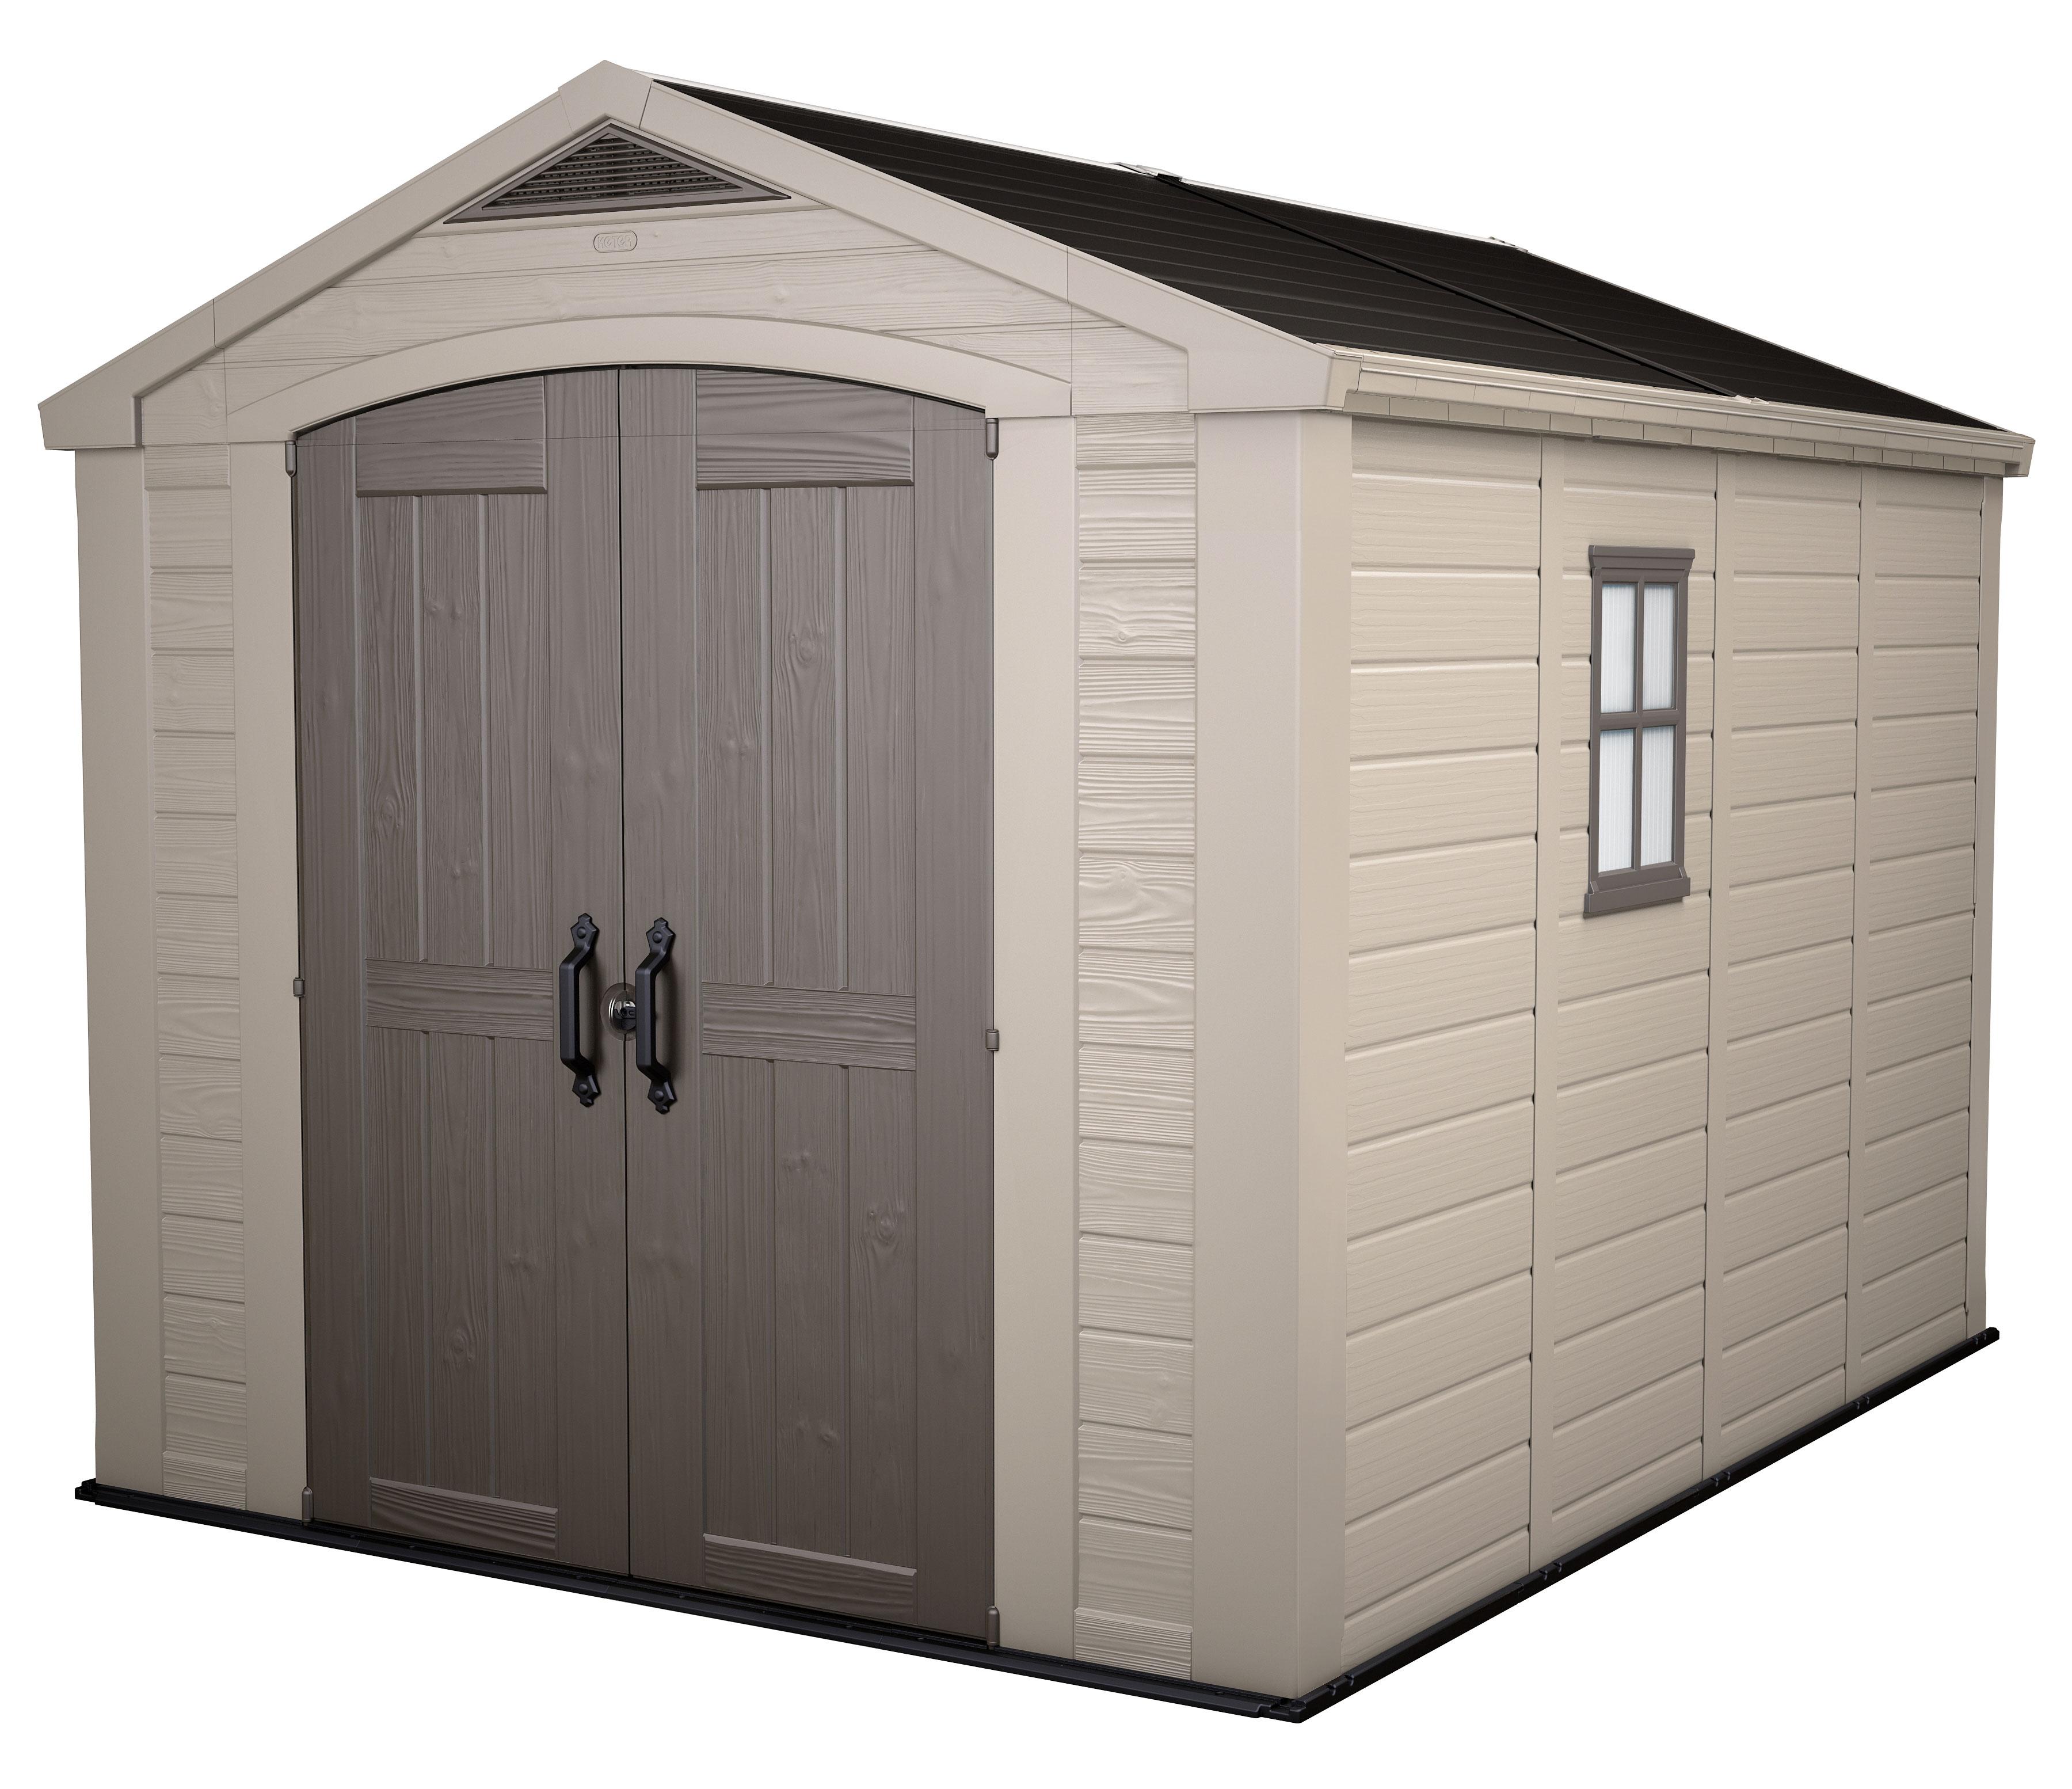 tepro kunststoff gartenhaus factor 8x11 kunststoff taupe. Black Bedroom Furniture Sets. Home Design Ideas